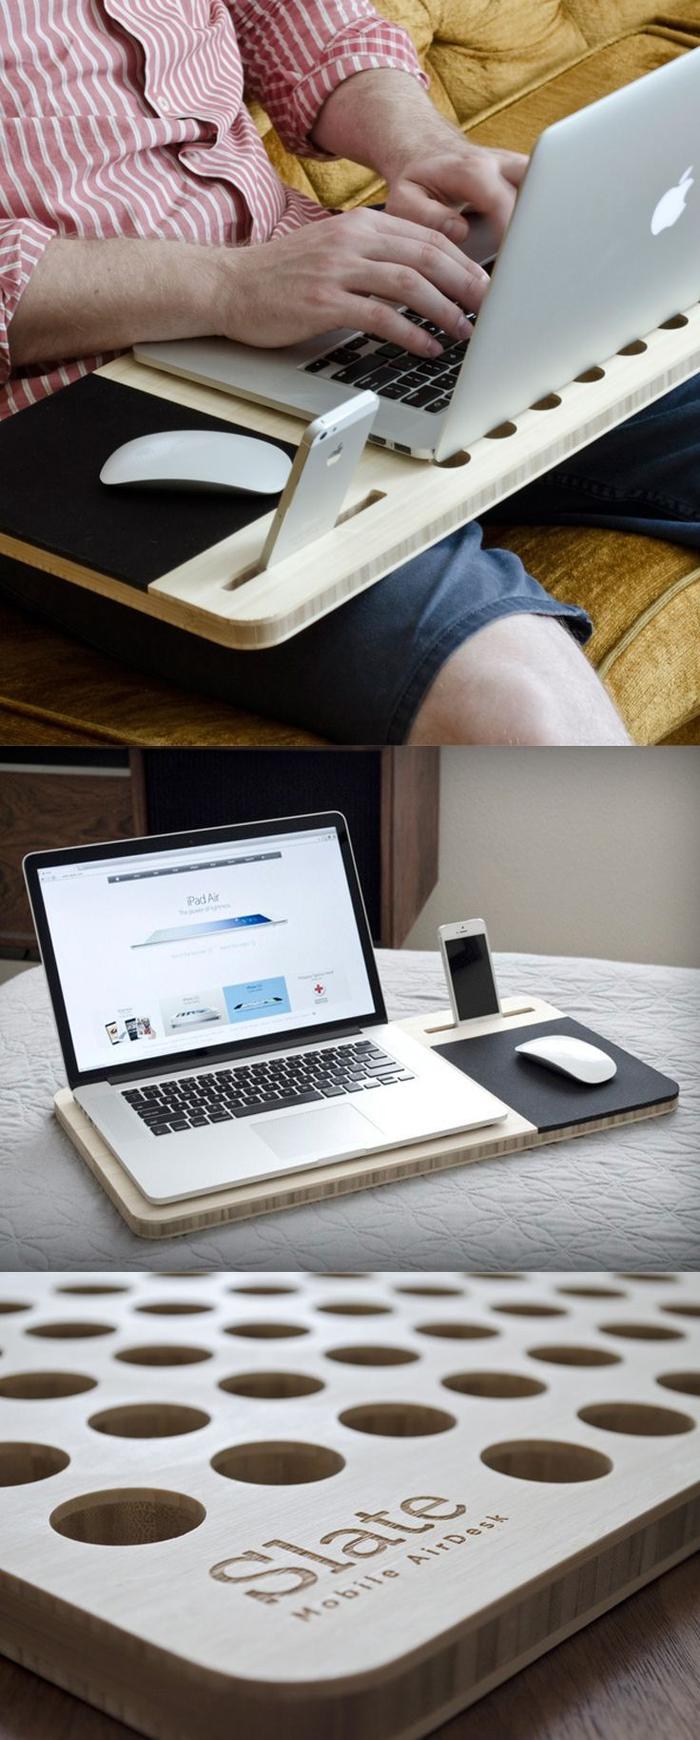 idees cadeaux pour un homme qui travaille de chez soi, support en bois pour ordinateur portable et téléphone pour les hommes organisés